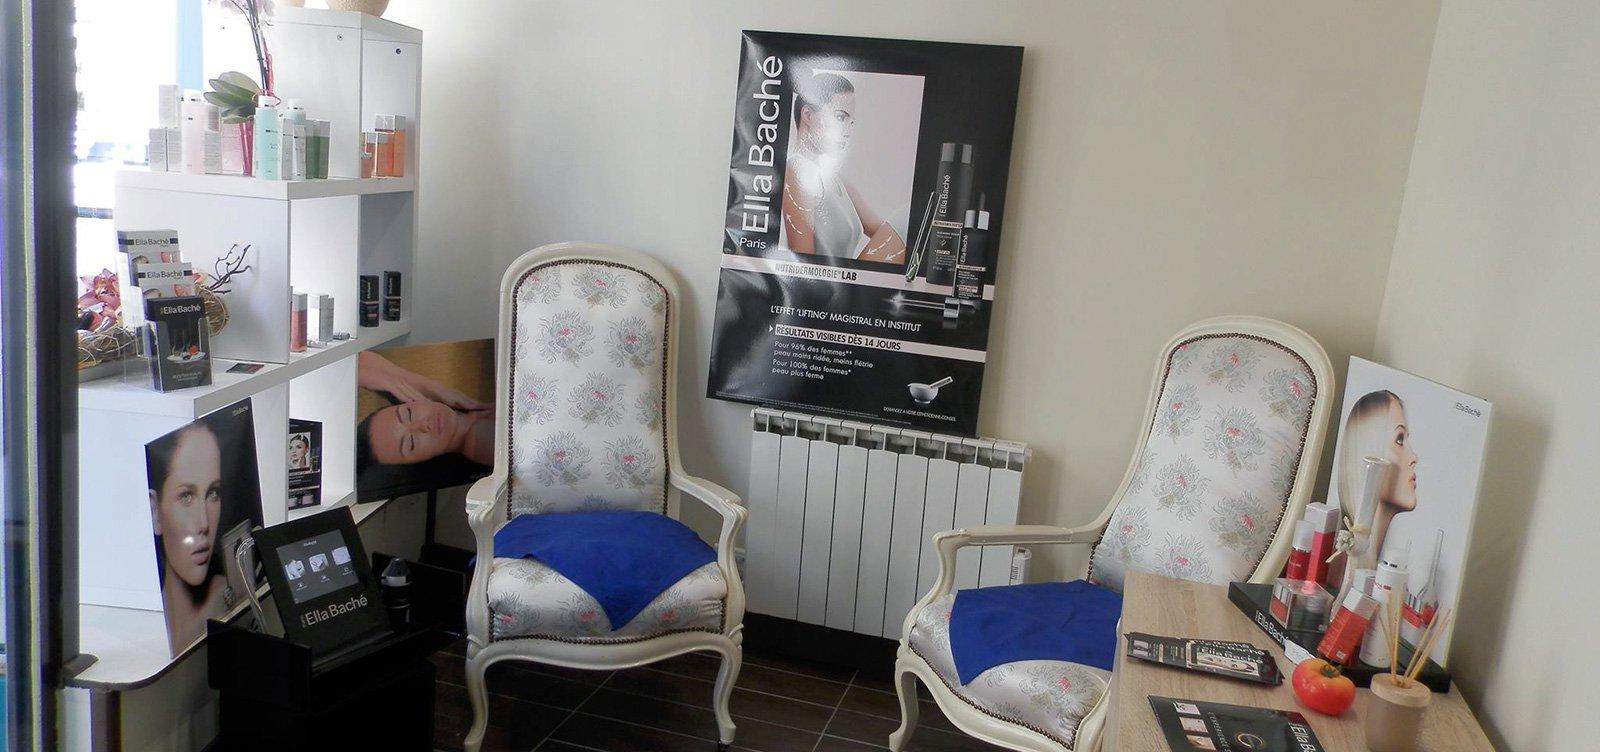 Accueil  | Angelys institut de beauté à Tonnerre | onglerie | salon esthétique | bien être